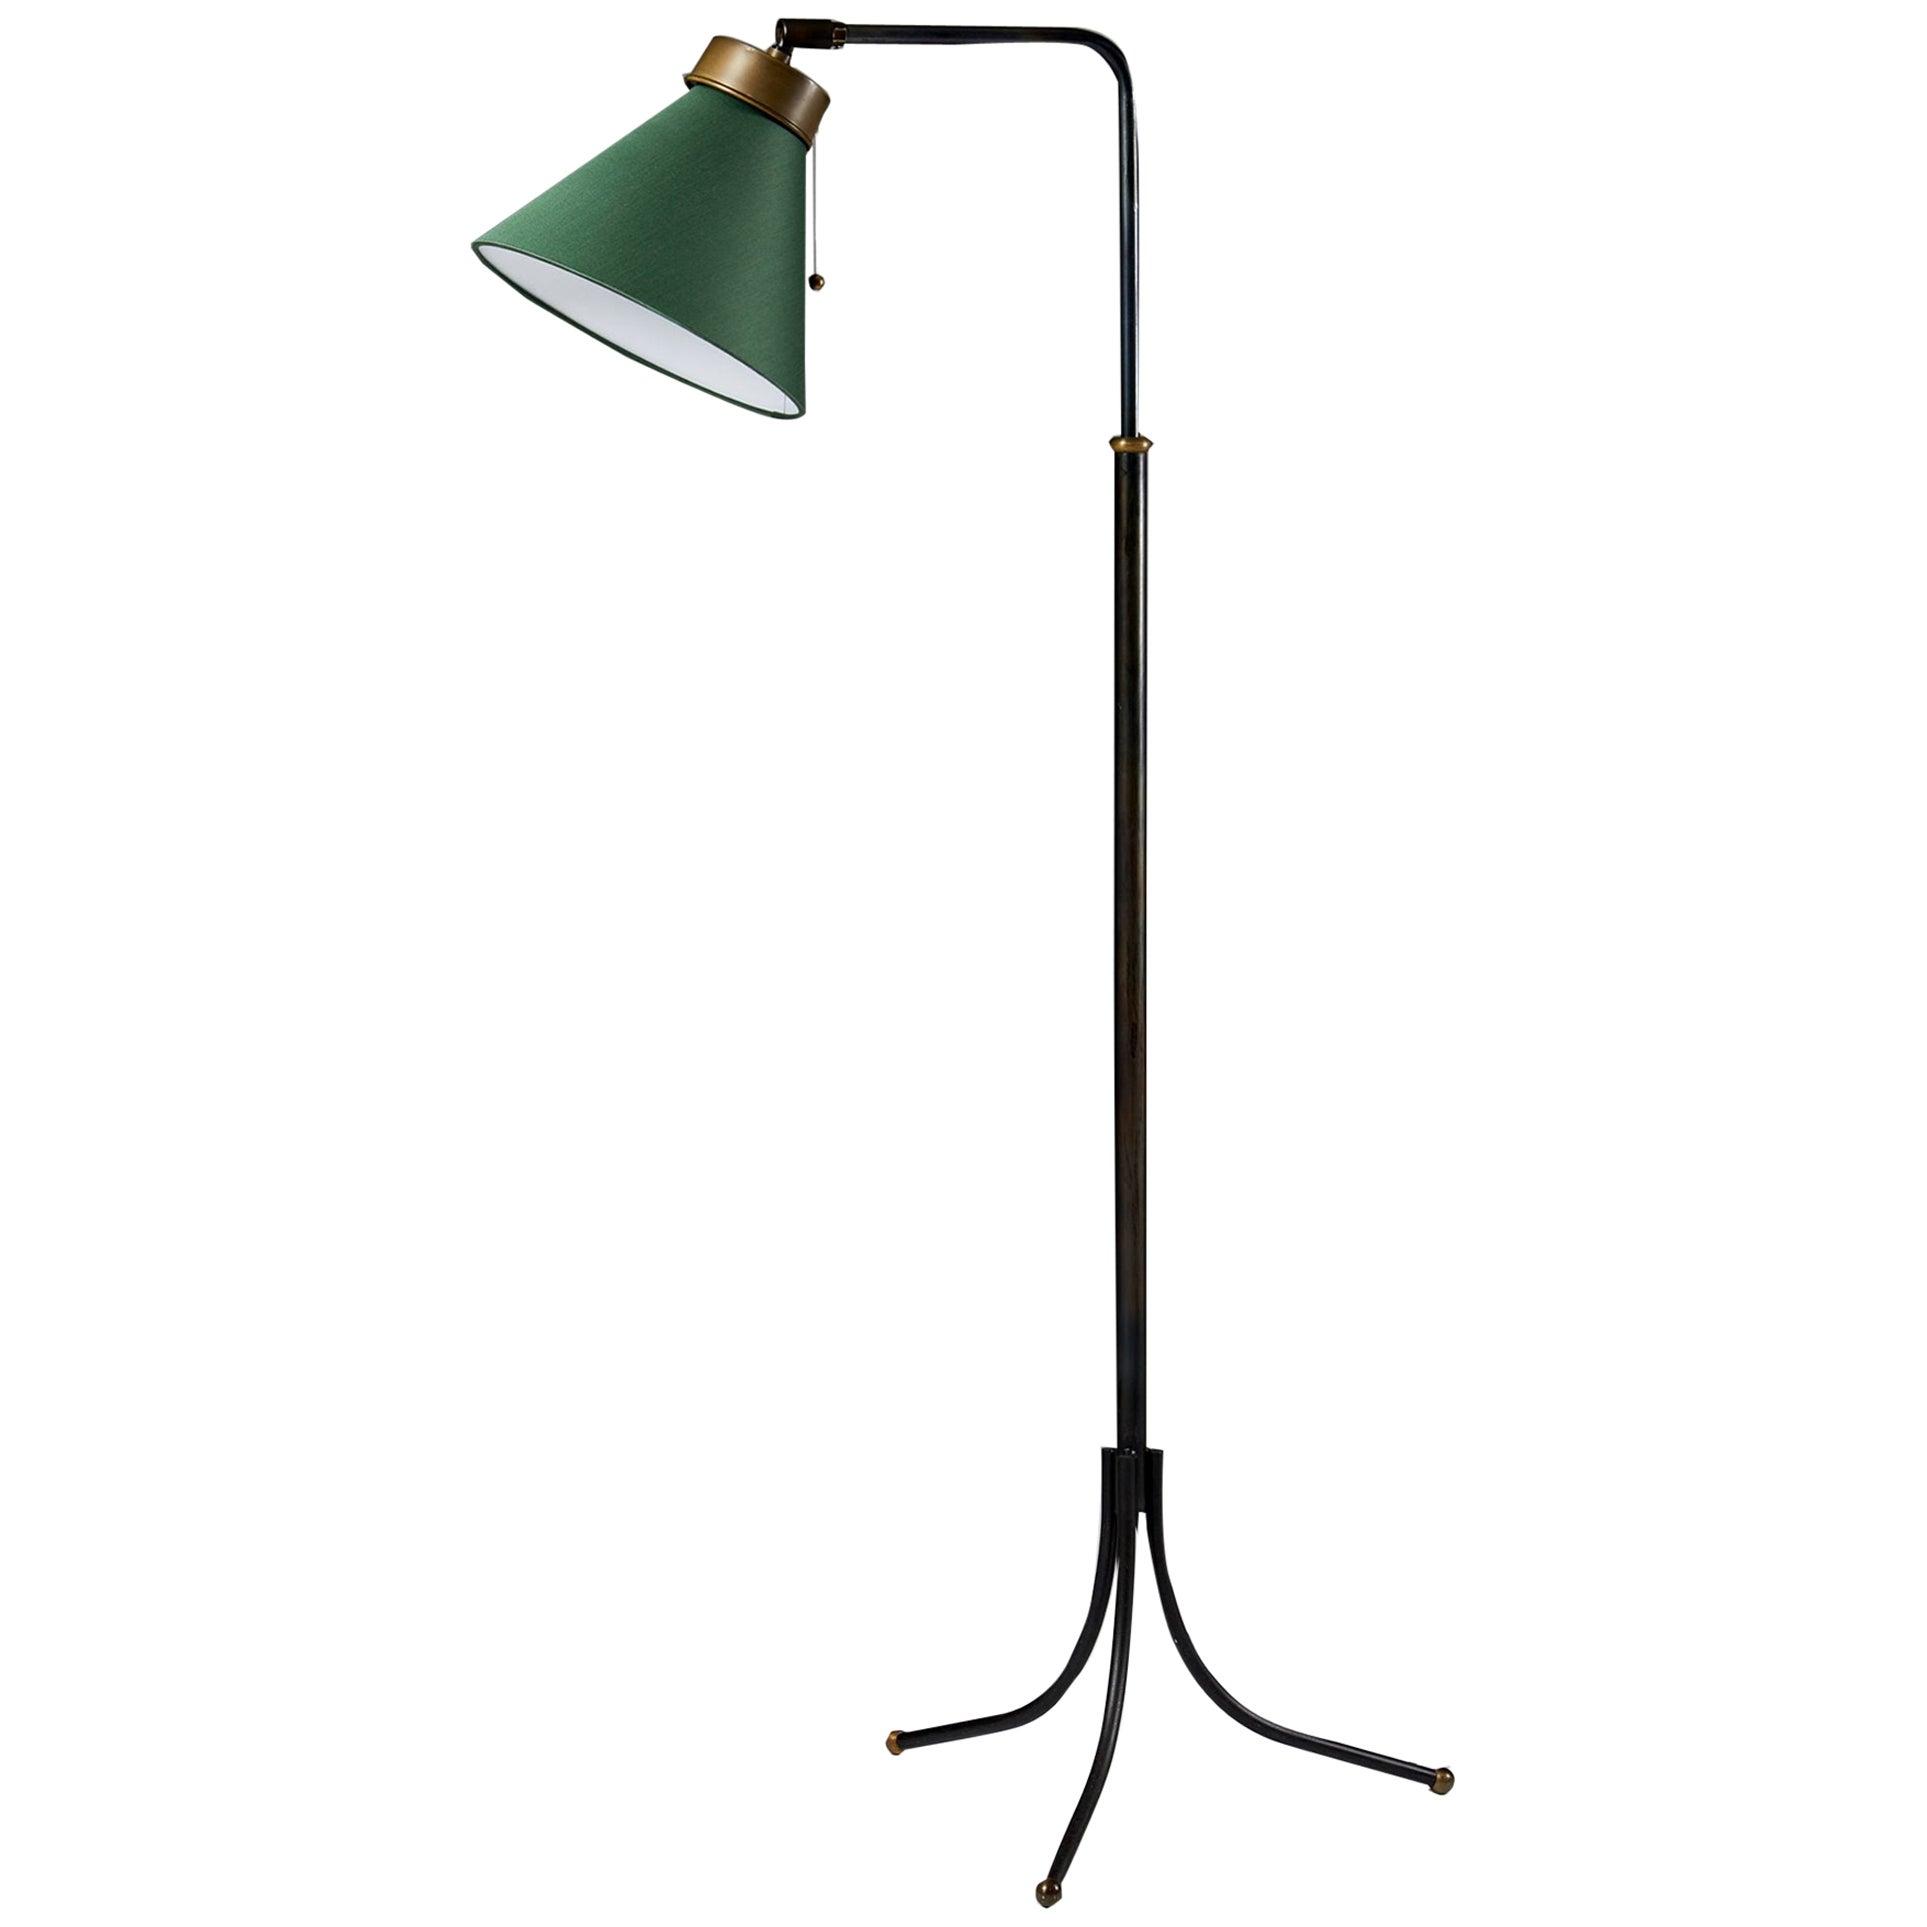 Floor Lamp Model 1842 Designed by Josef Frank for Svenskt Tenn